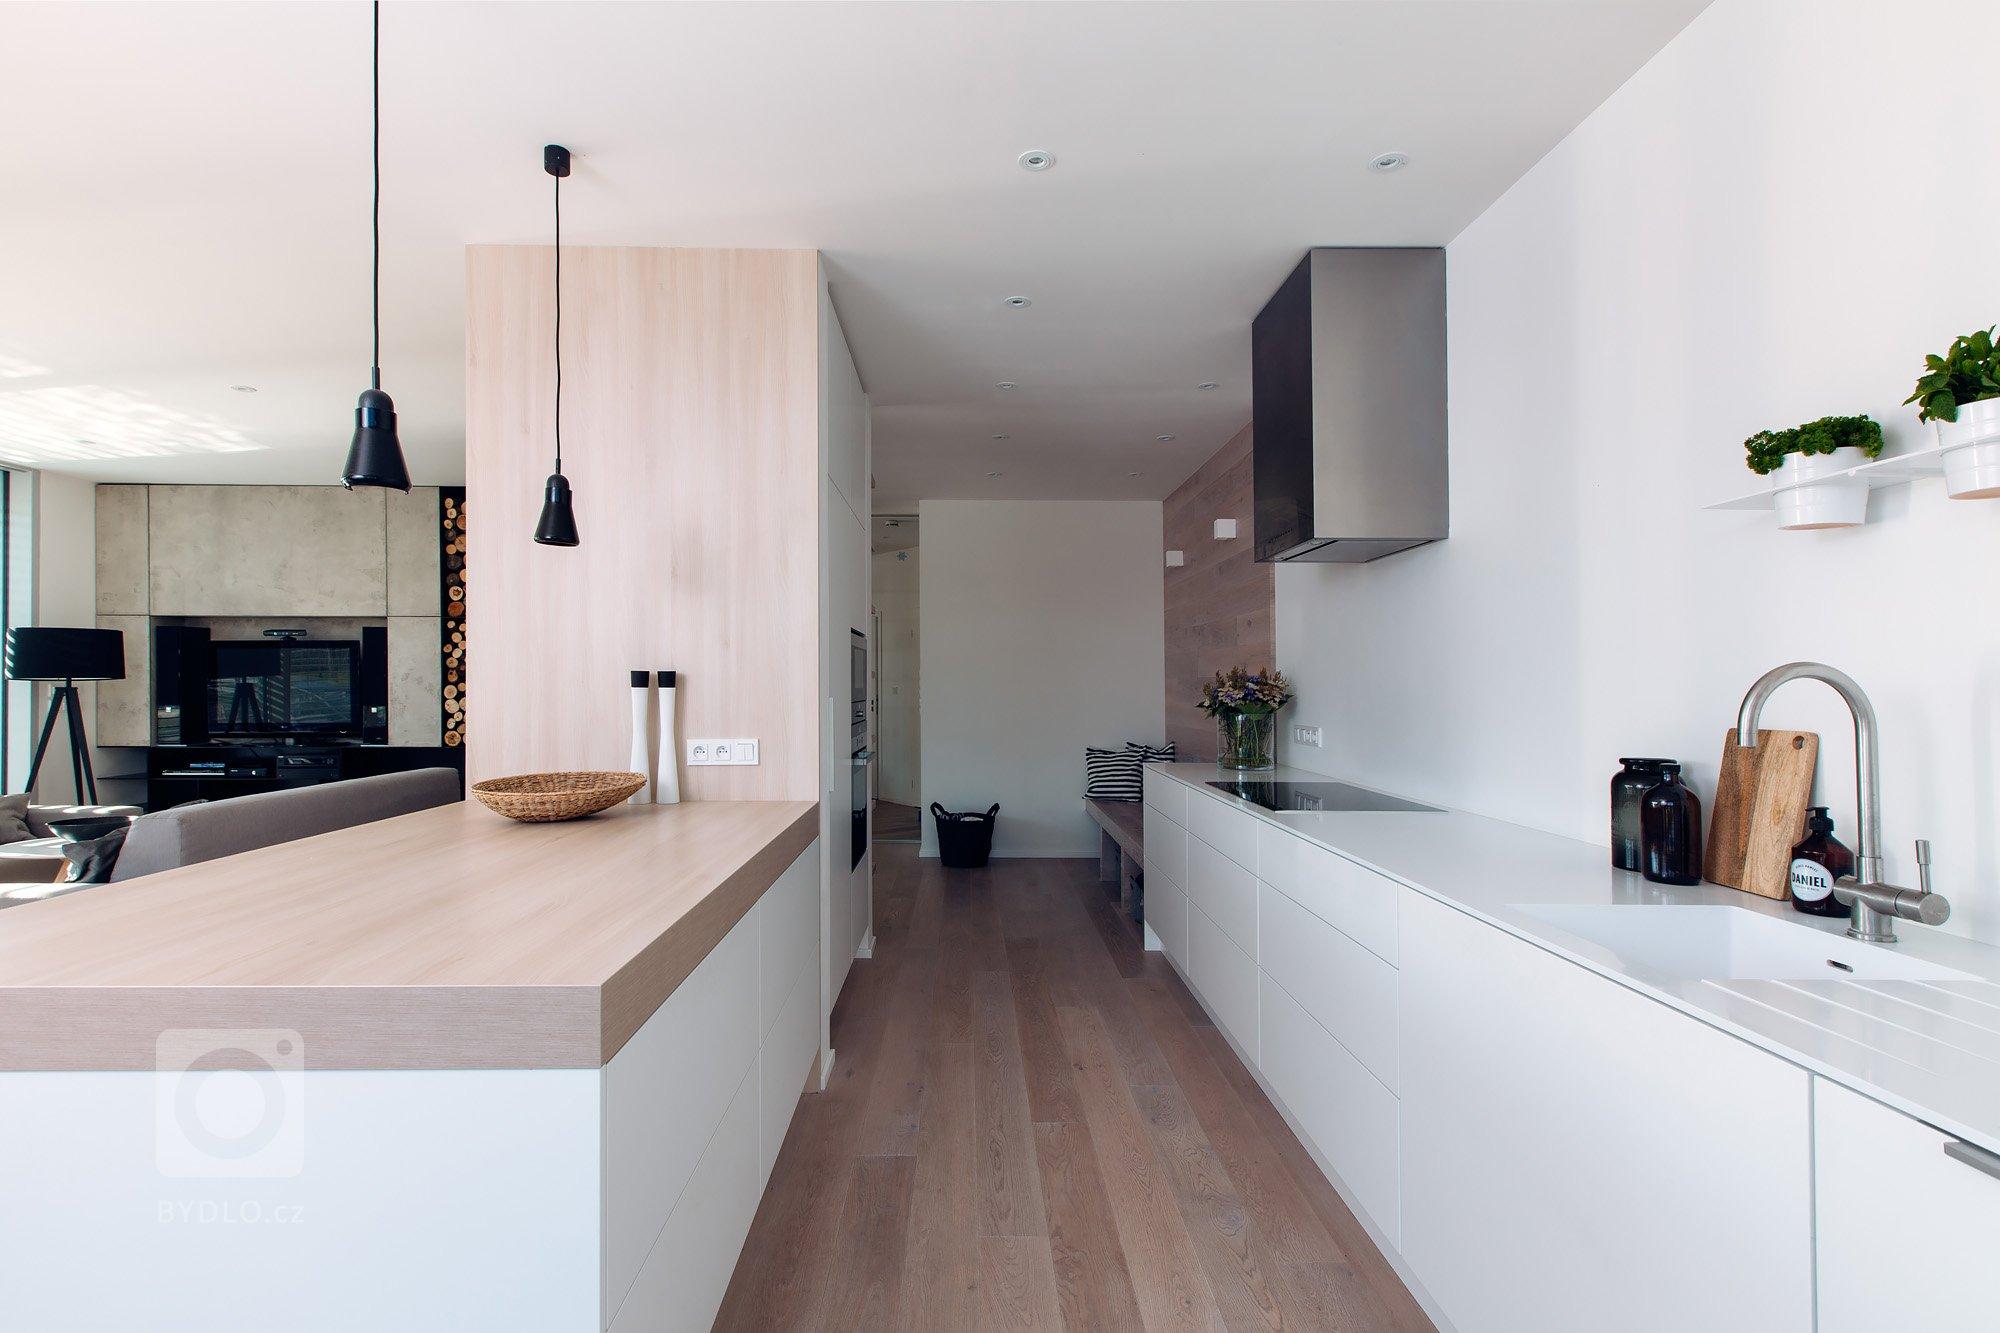 Architekt dává prostoru logiku, funkčnost a využitelnost a apeluje na jeho zážitkové a estetické kvality. Je jediným ze zúčastněných (řemeslníci, instalatéři,…